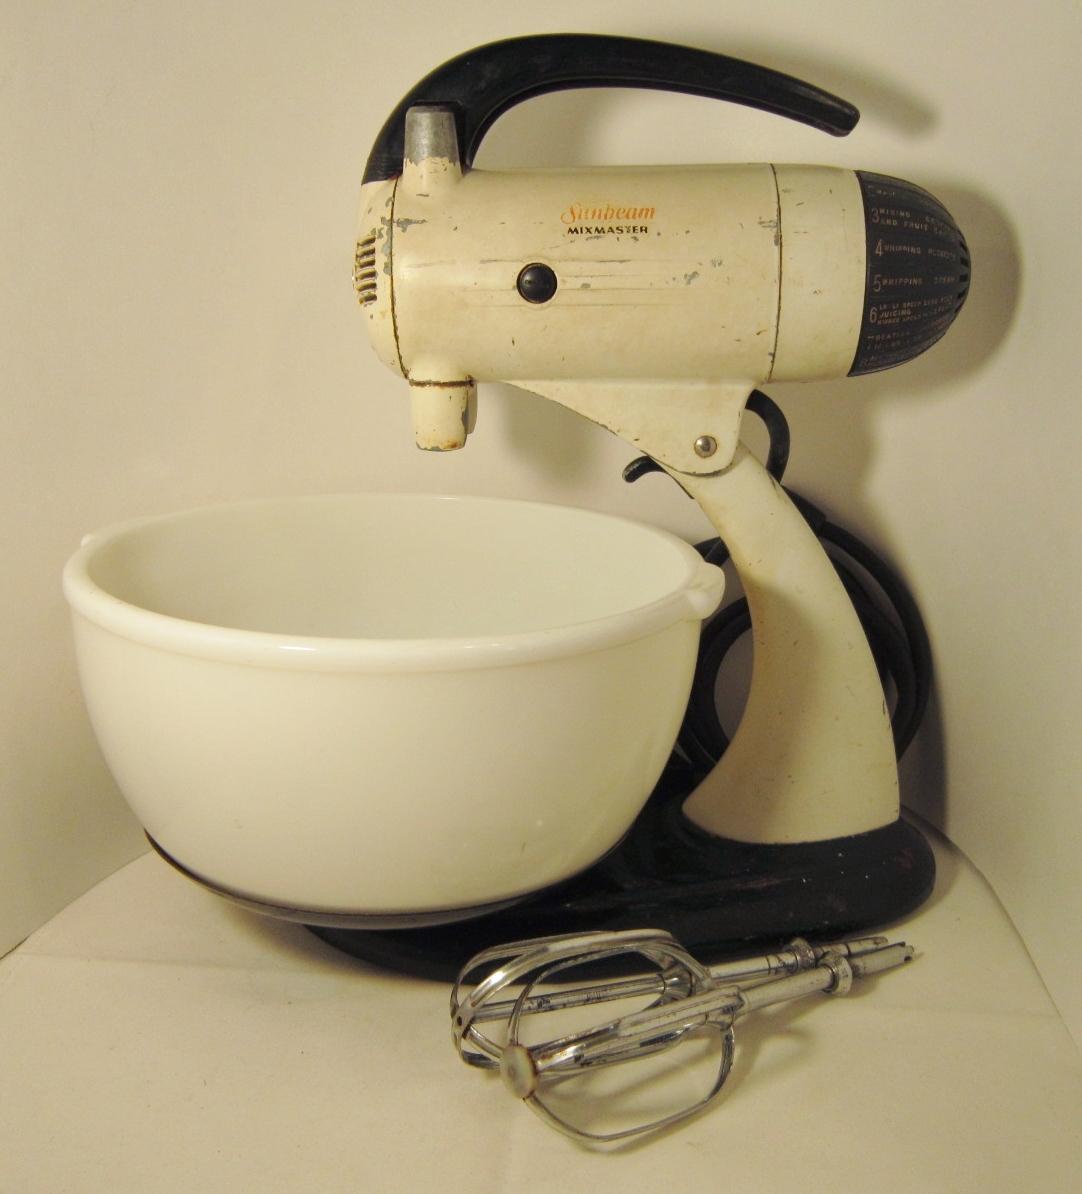 American Made Mixers Kitchenaid